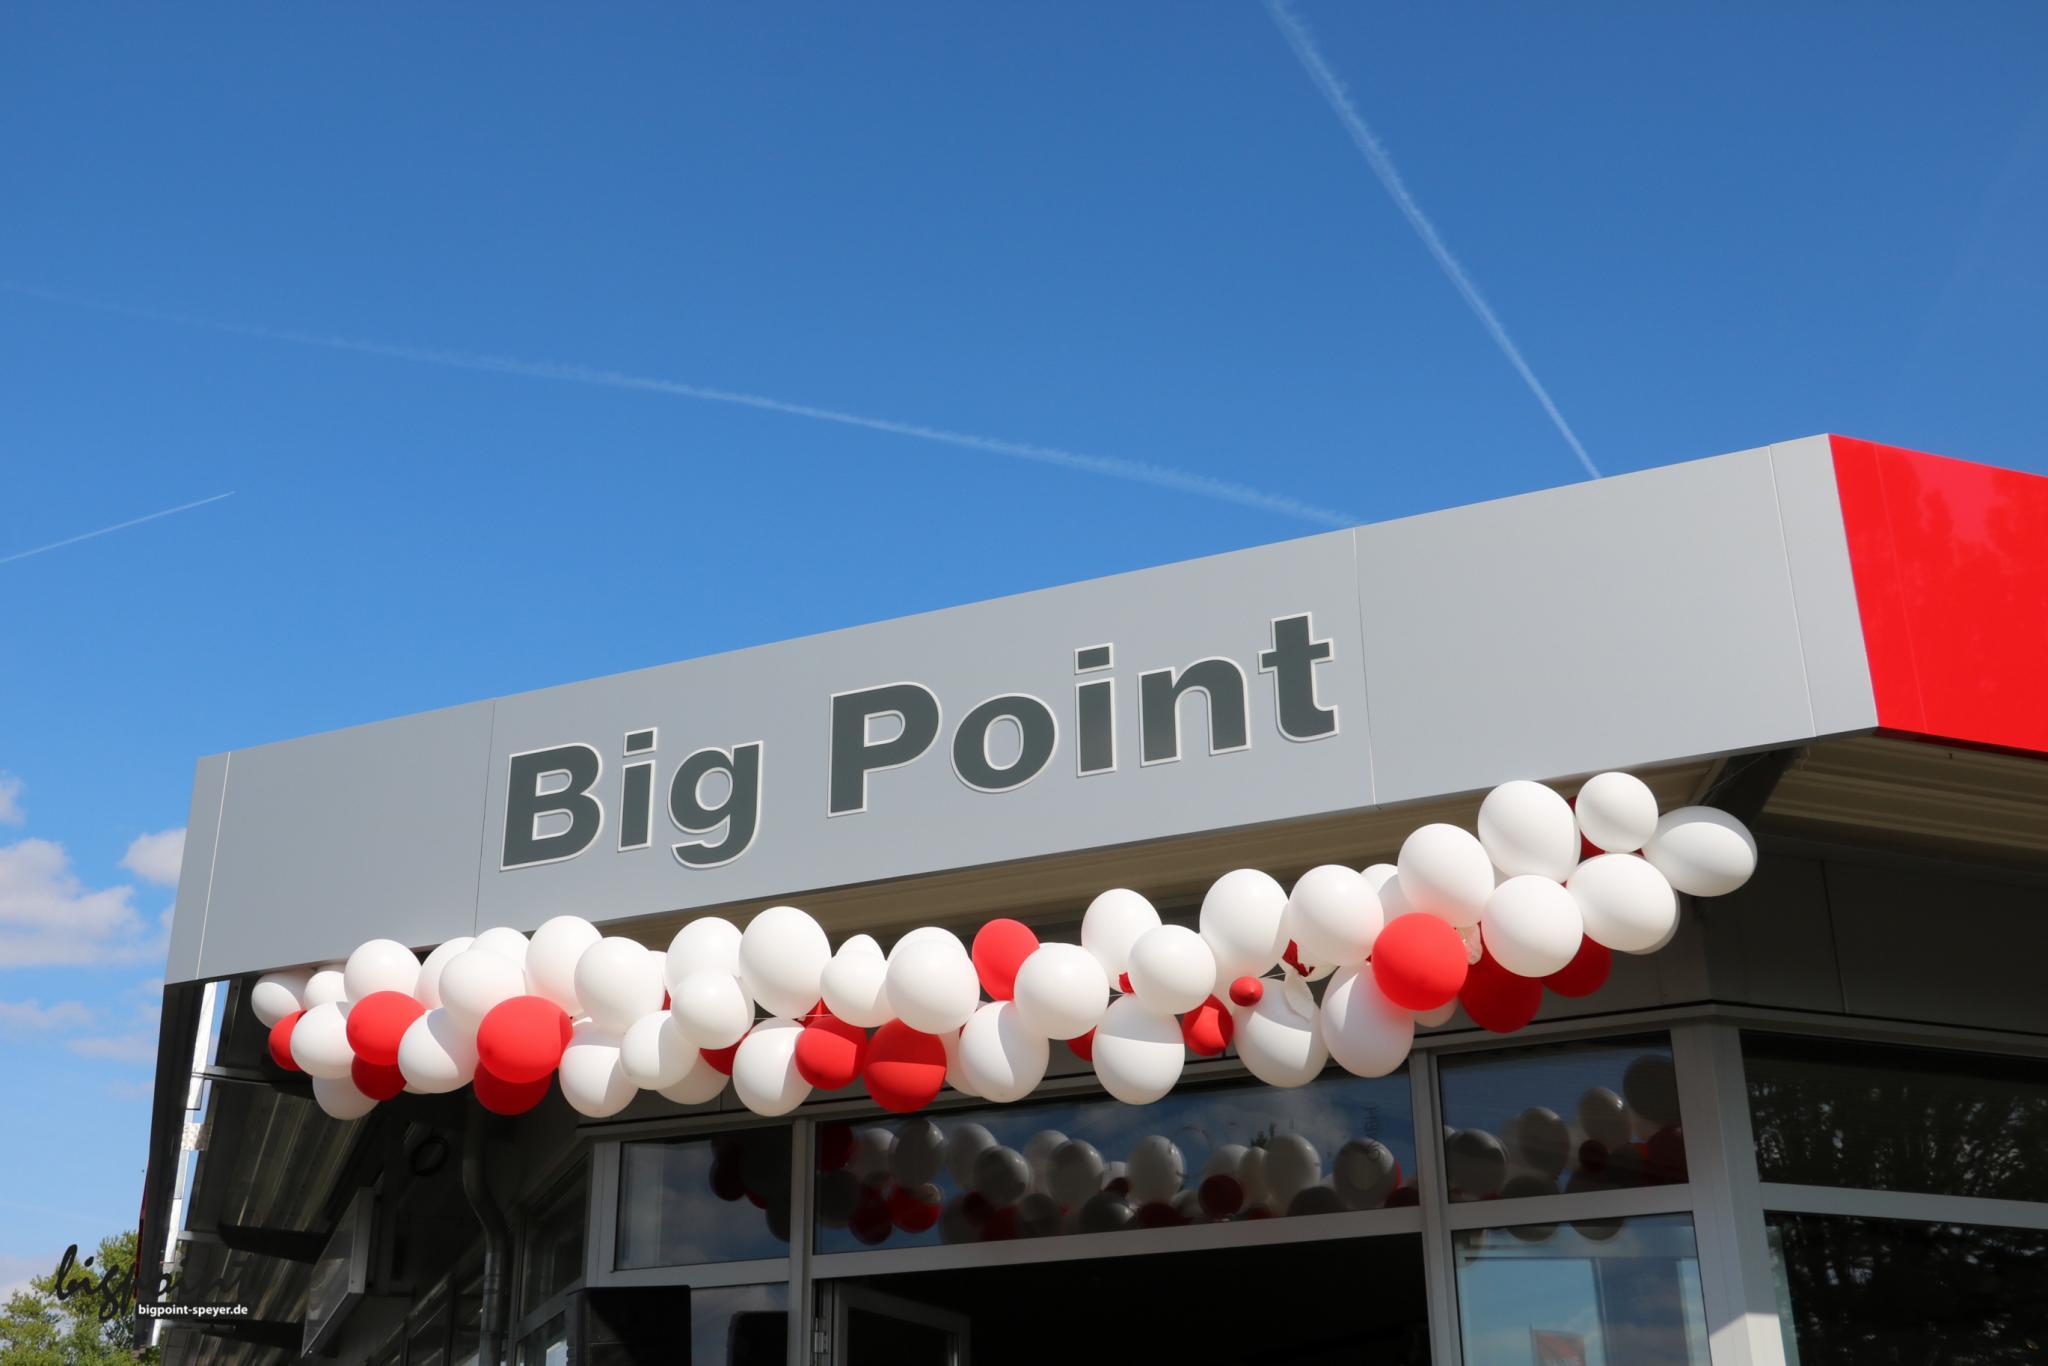 Unternehmensbilder Big Point Motorradhandels GmbH & CO. KG 9